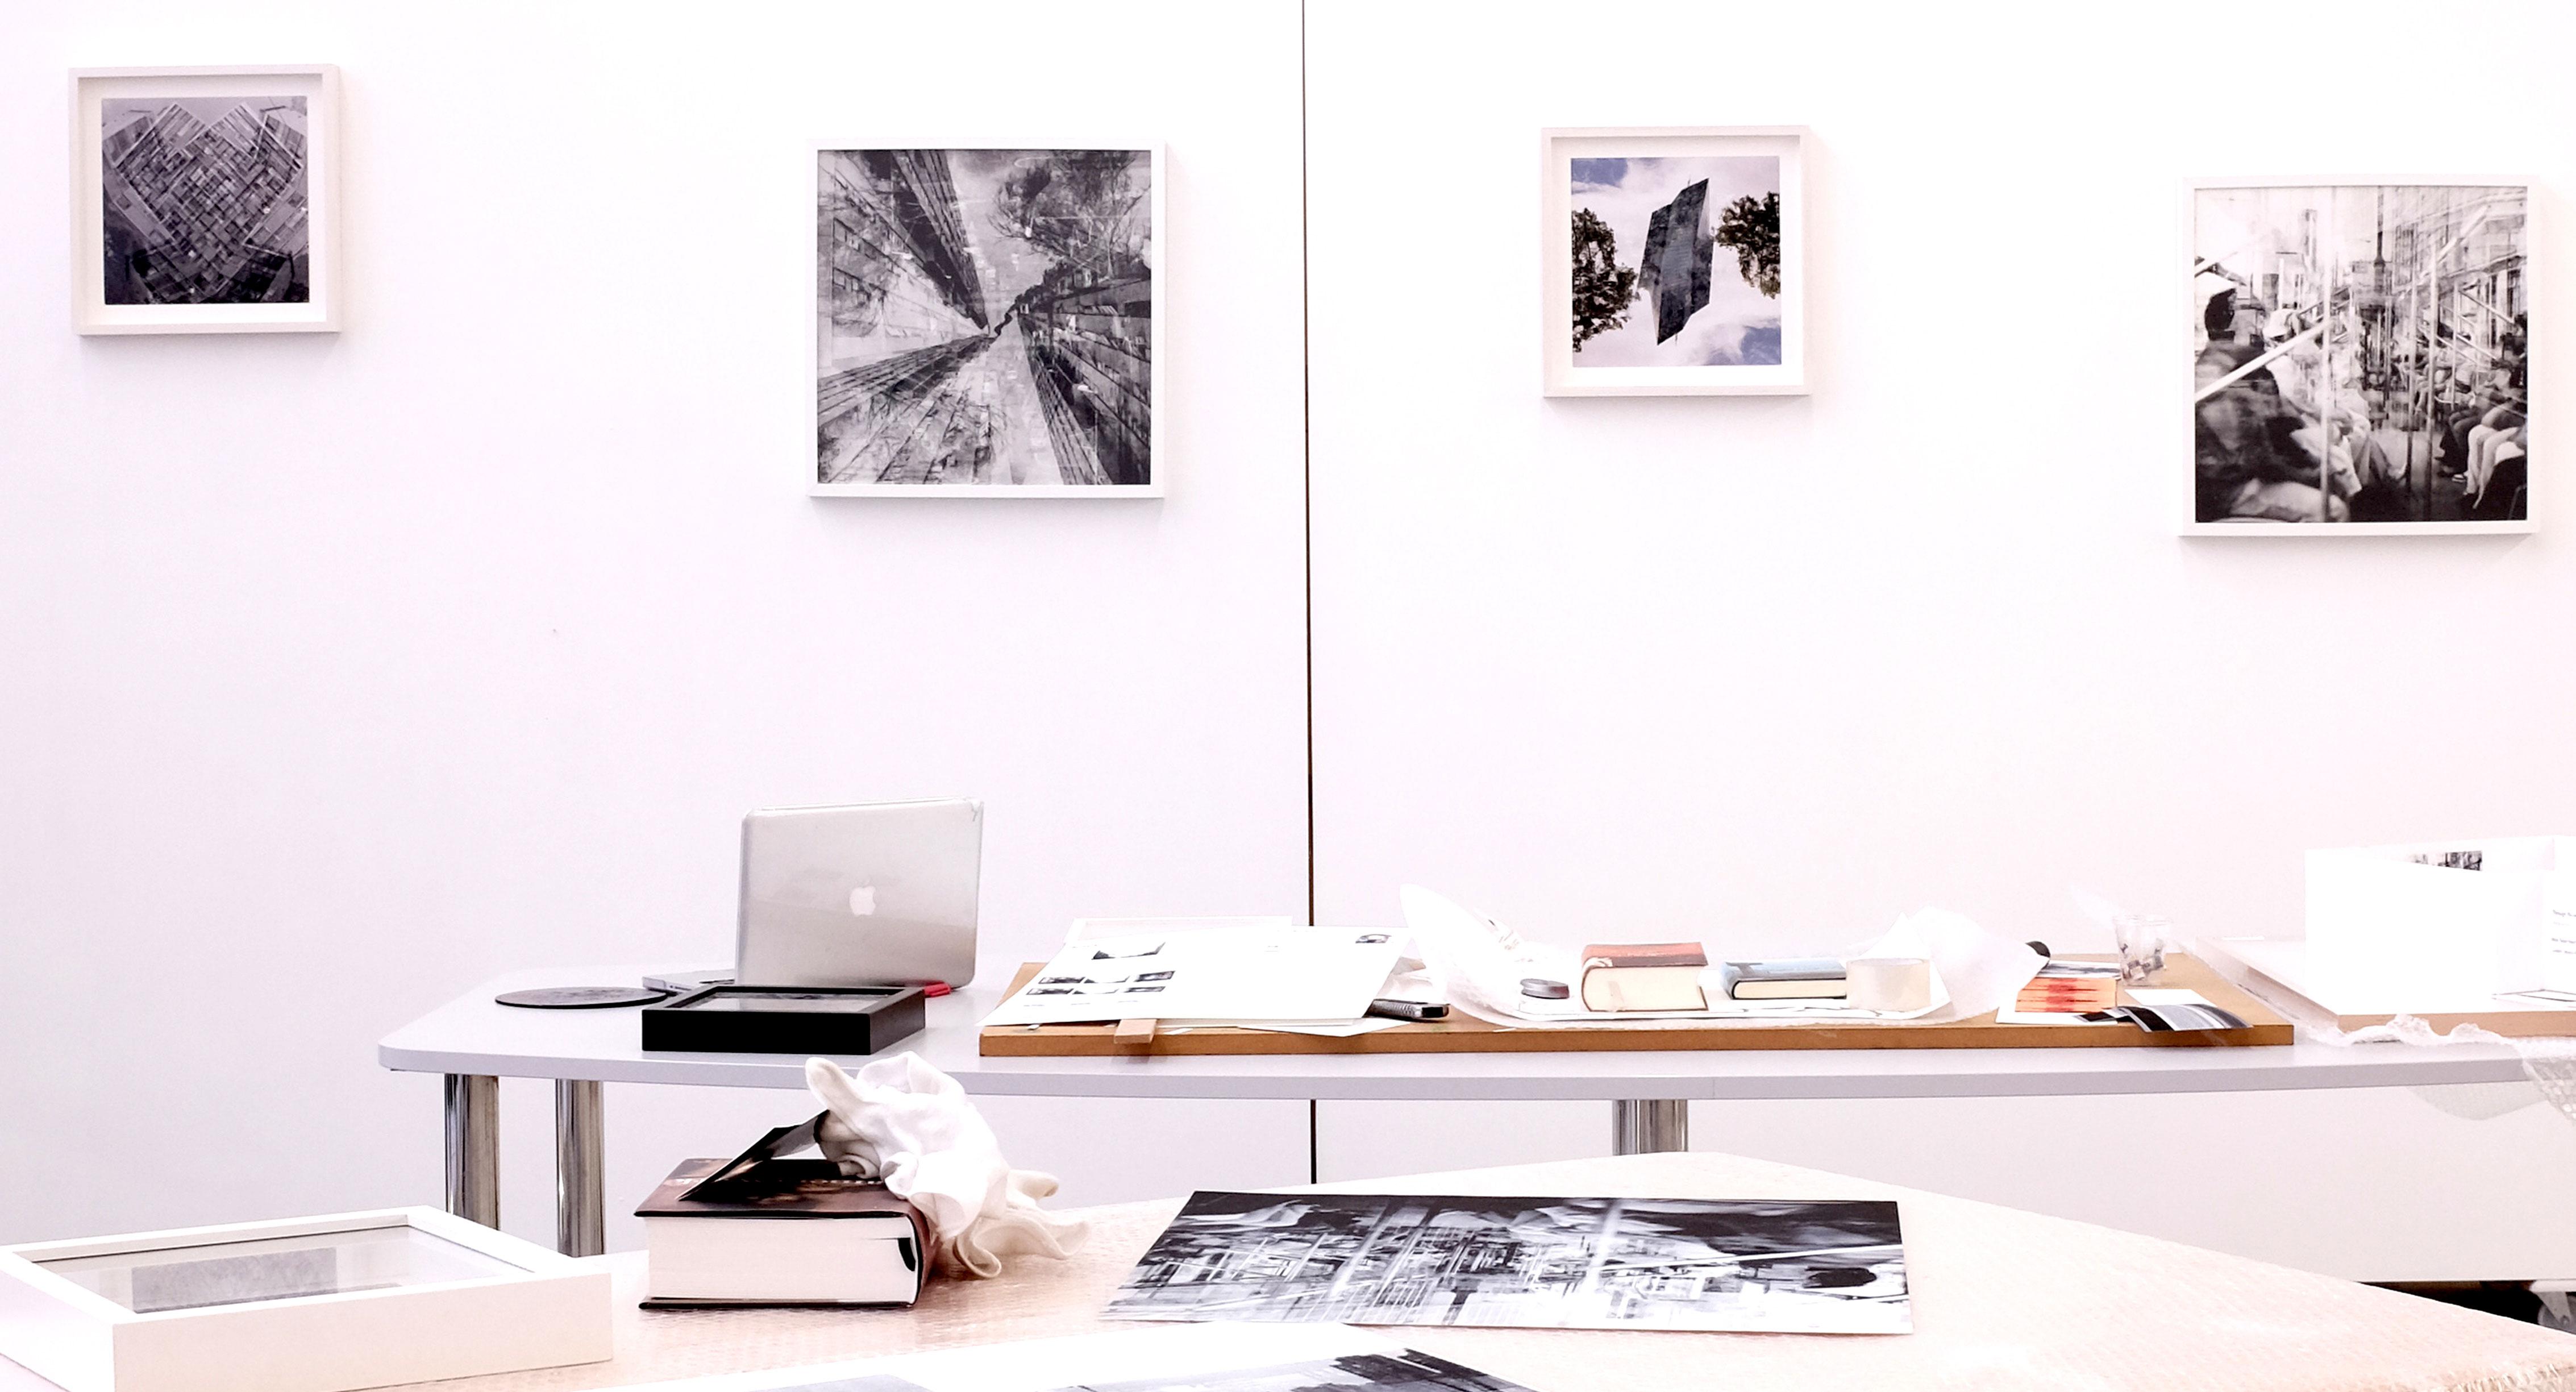 coGalleries Artist Residency Berlin Studio View Robin Resch Fine Art Photography